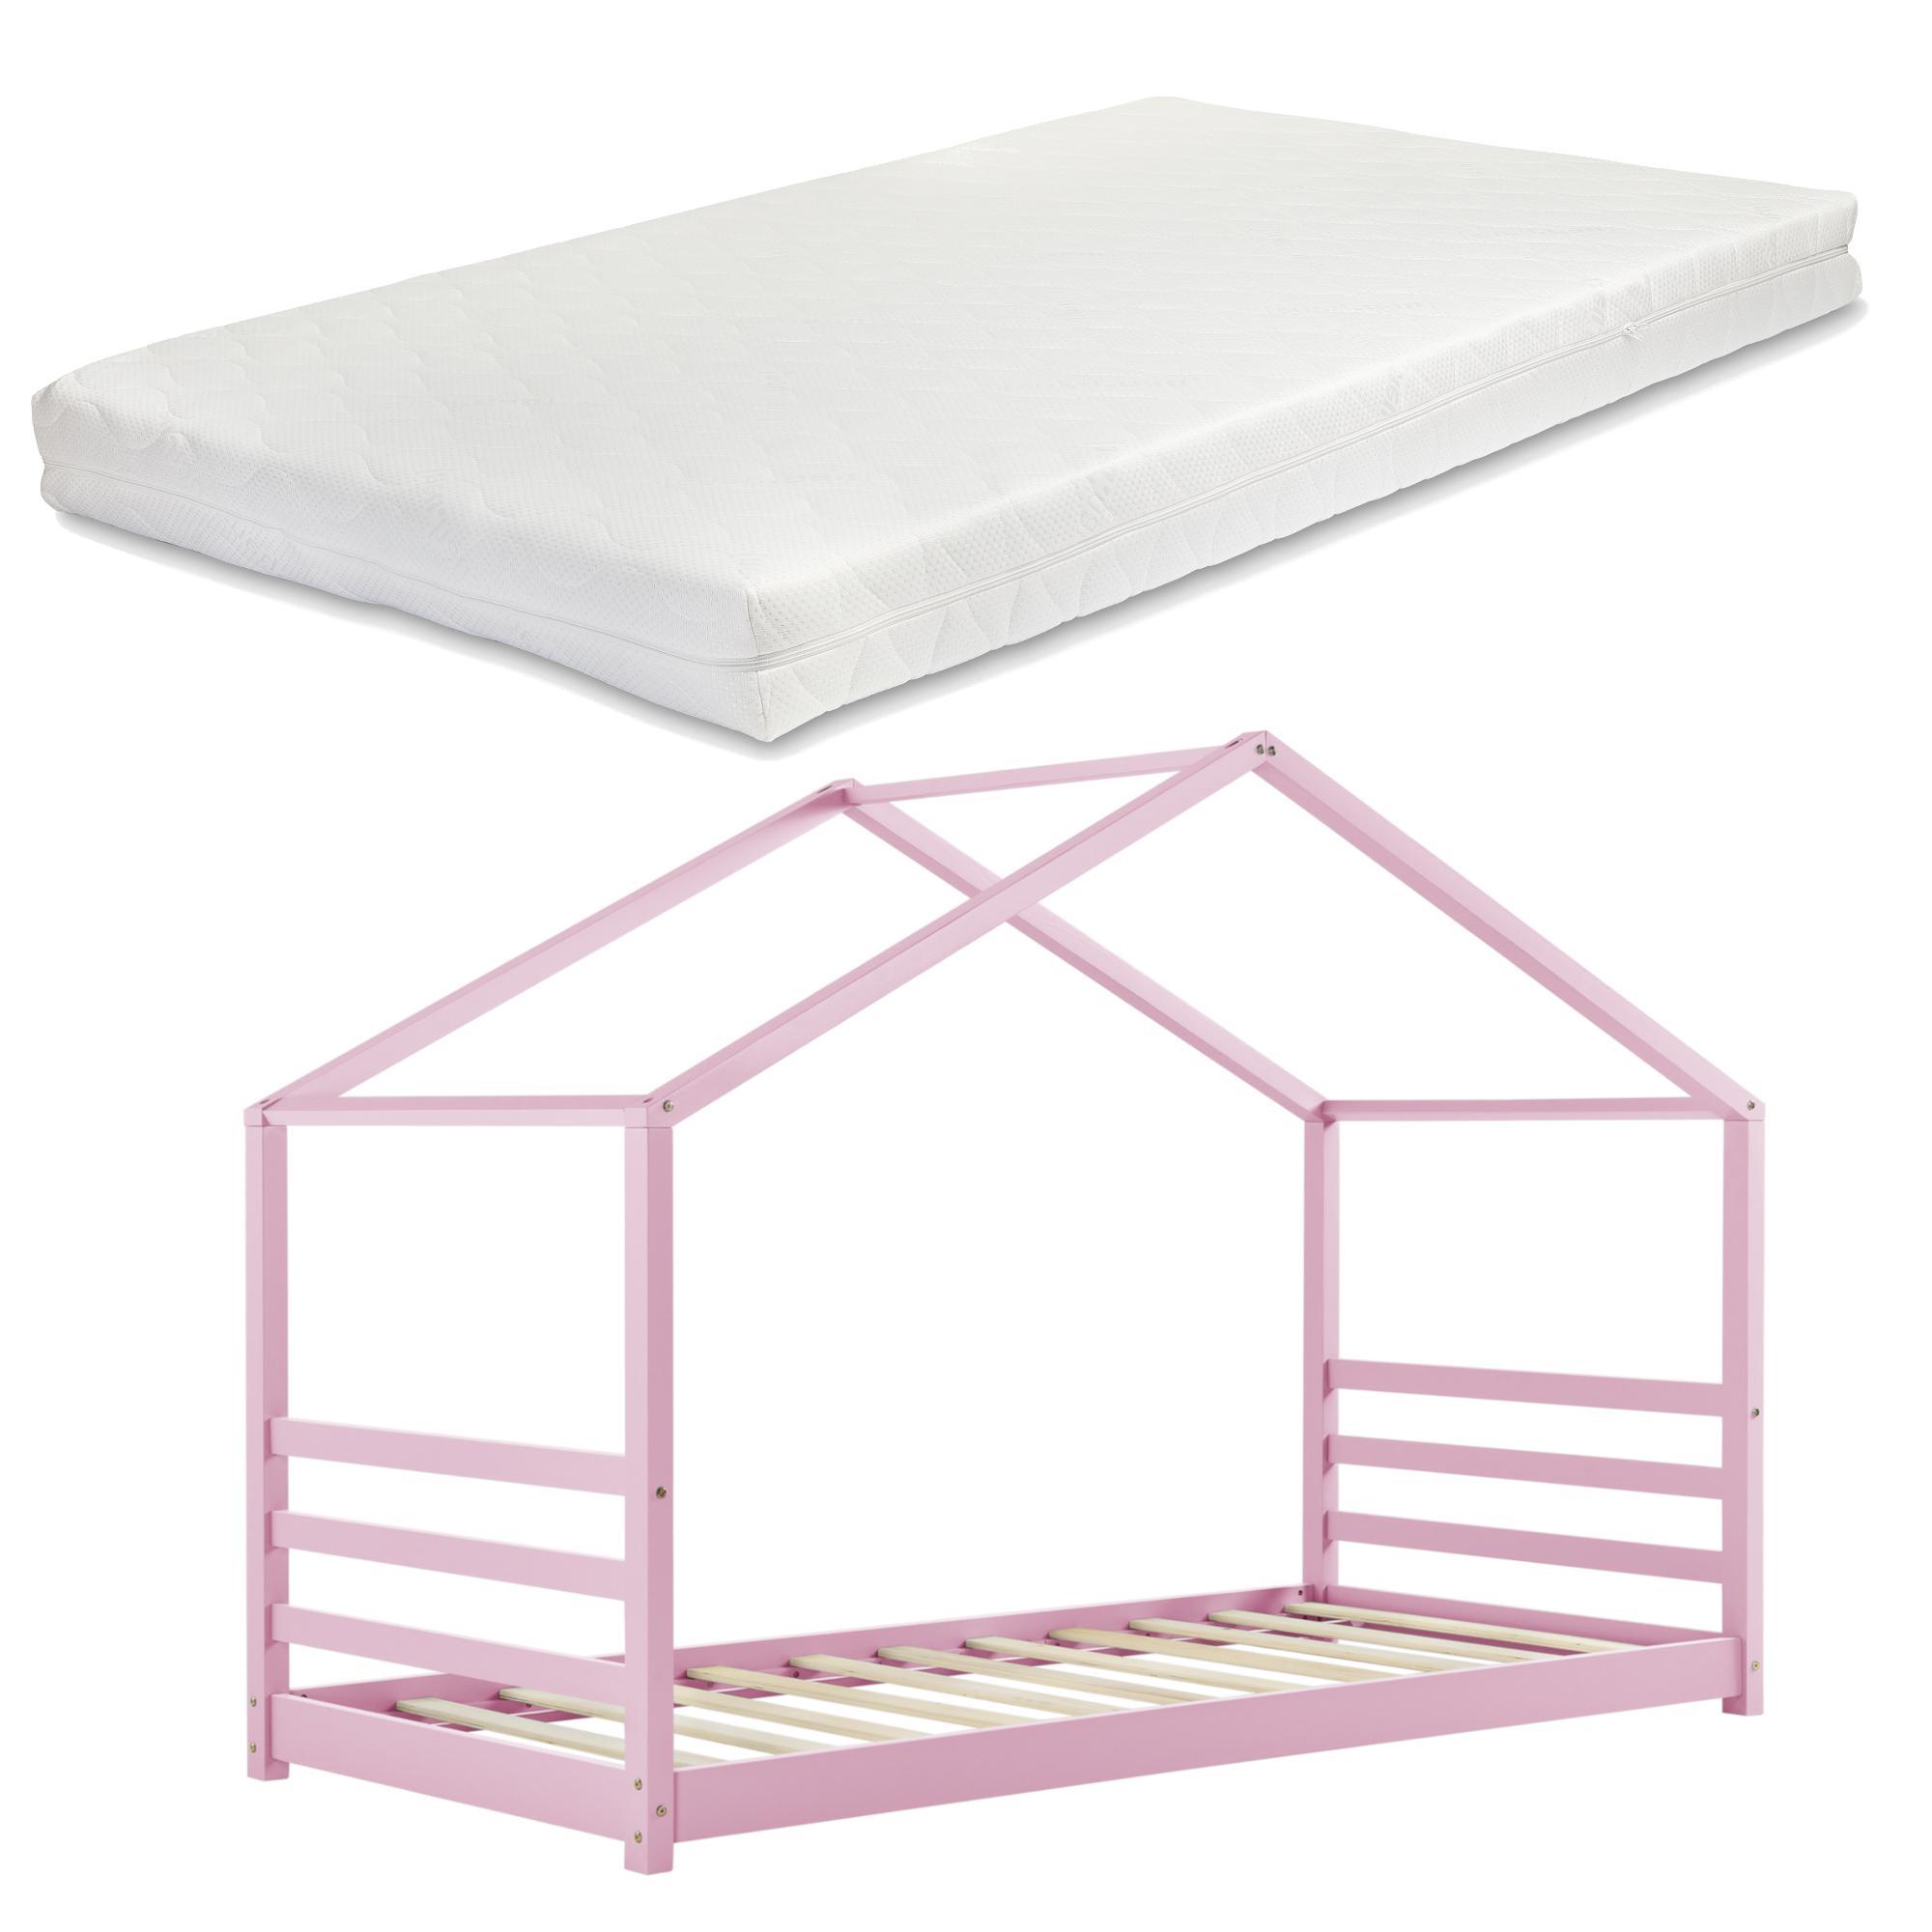 [en.casa] Detská posteľ VARDØ AAKB-8781 90x200 cm ružová s matracom